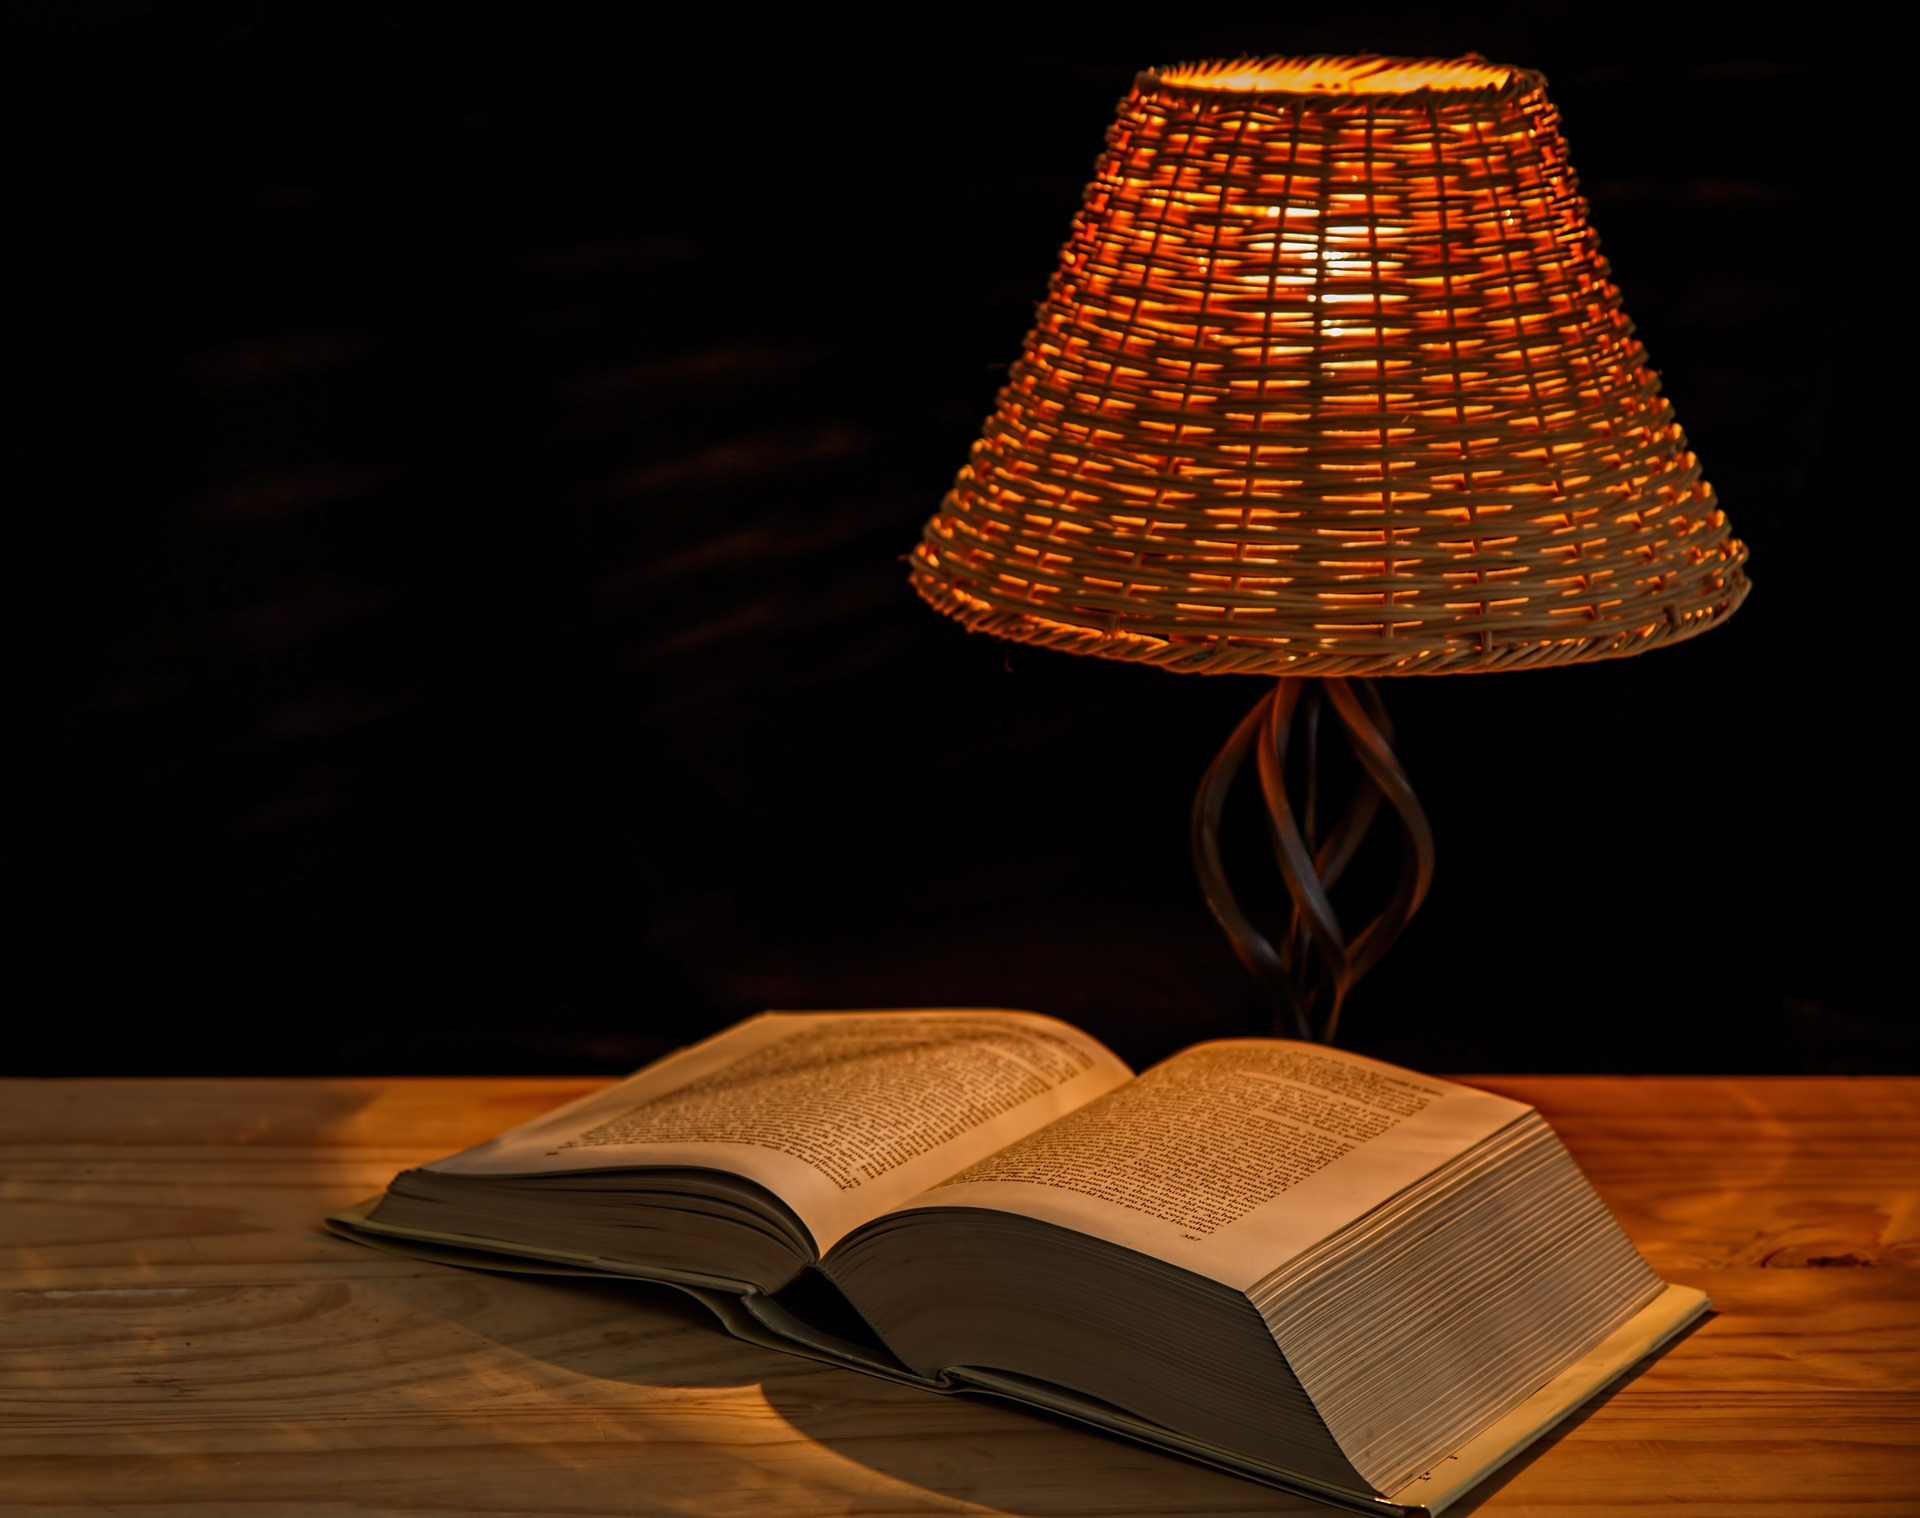 Conseils d'éclairage pour les lecteurs